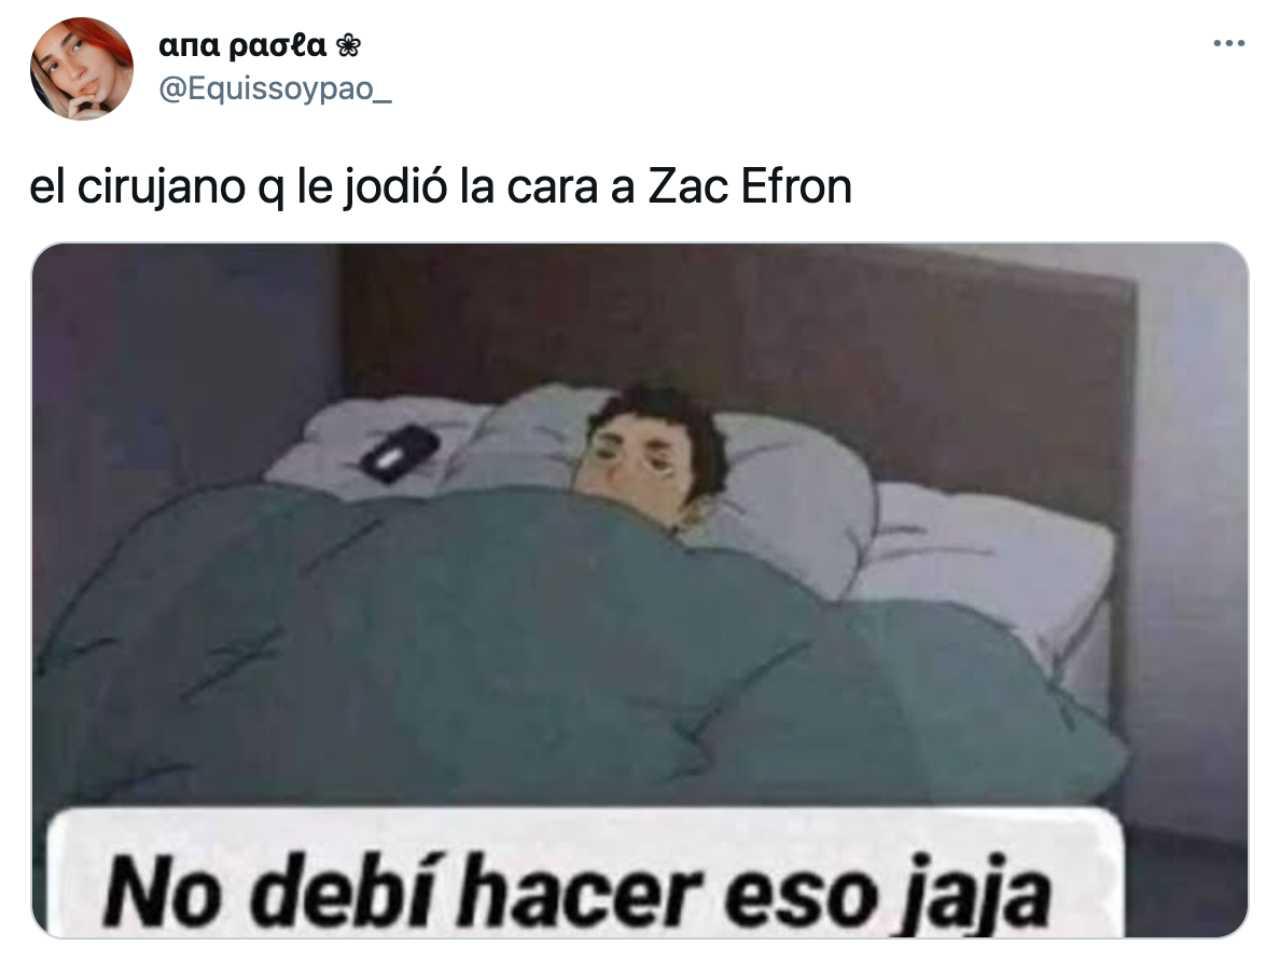 Meme de Zac Efron de No debí hacer eso